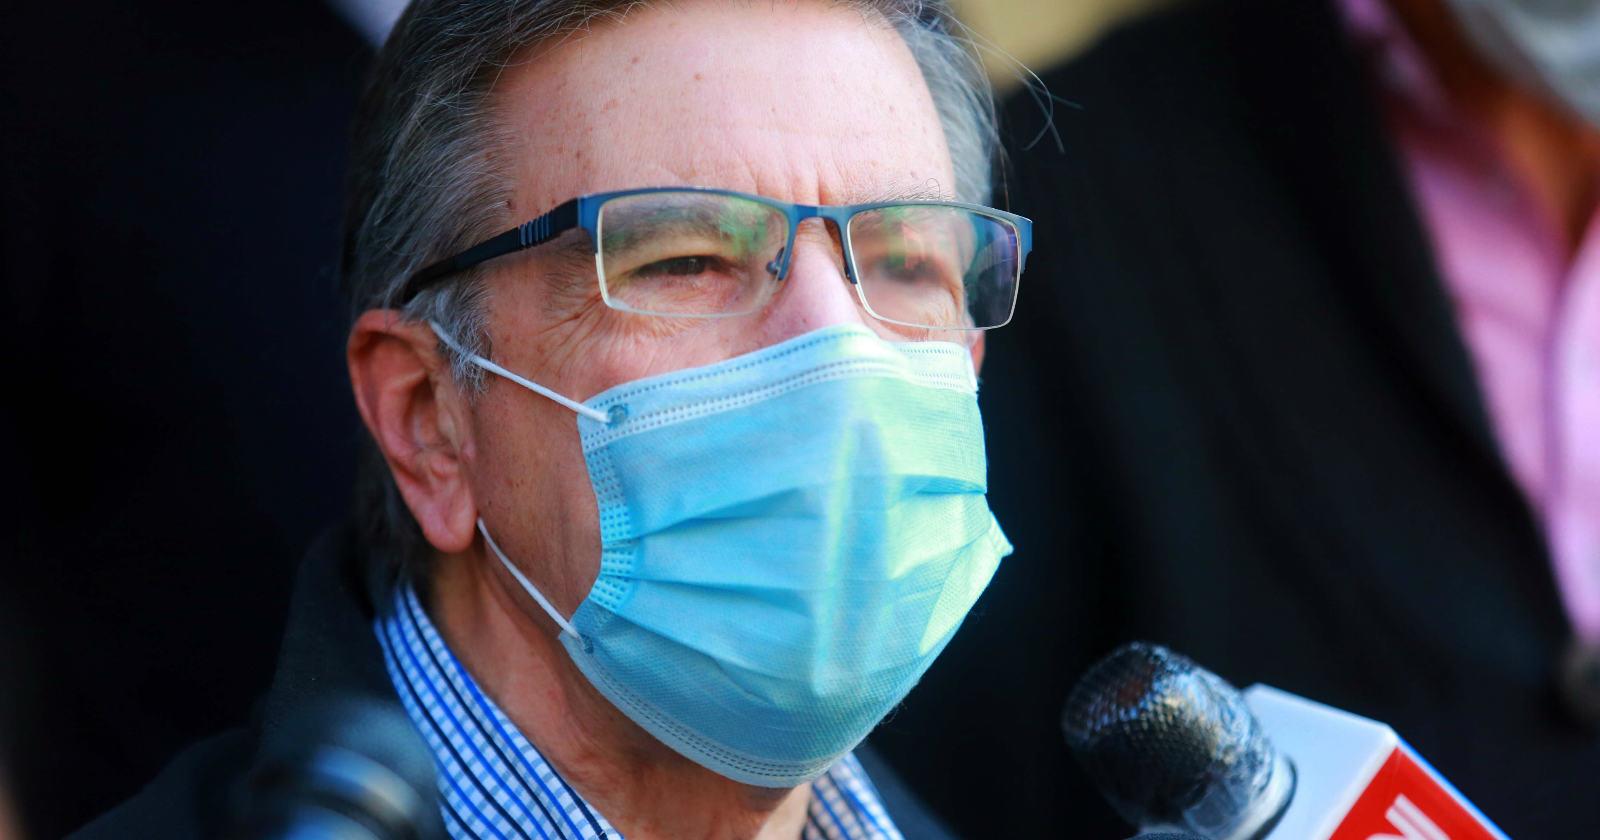 El problema de salud que casi impide a Joaquín Lavín poder votar en el plebiscito